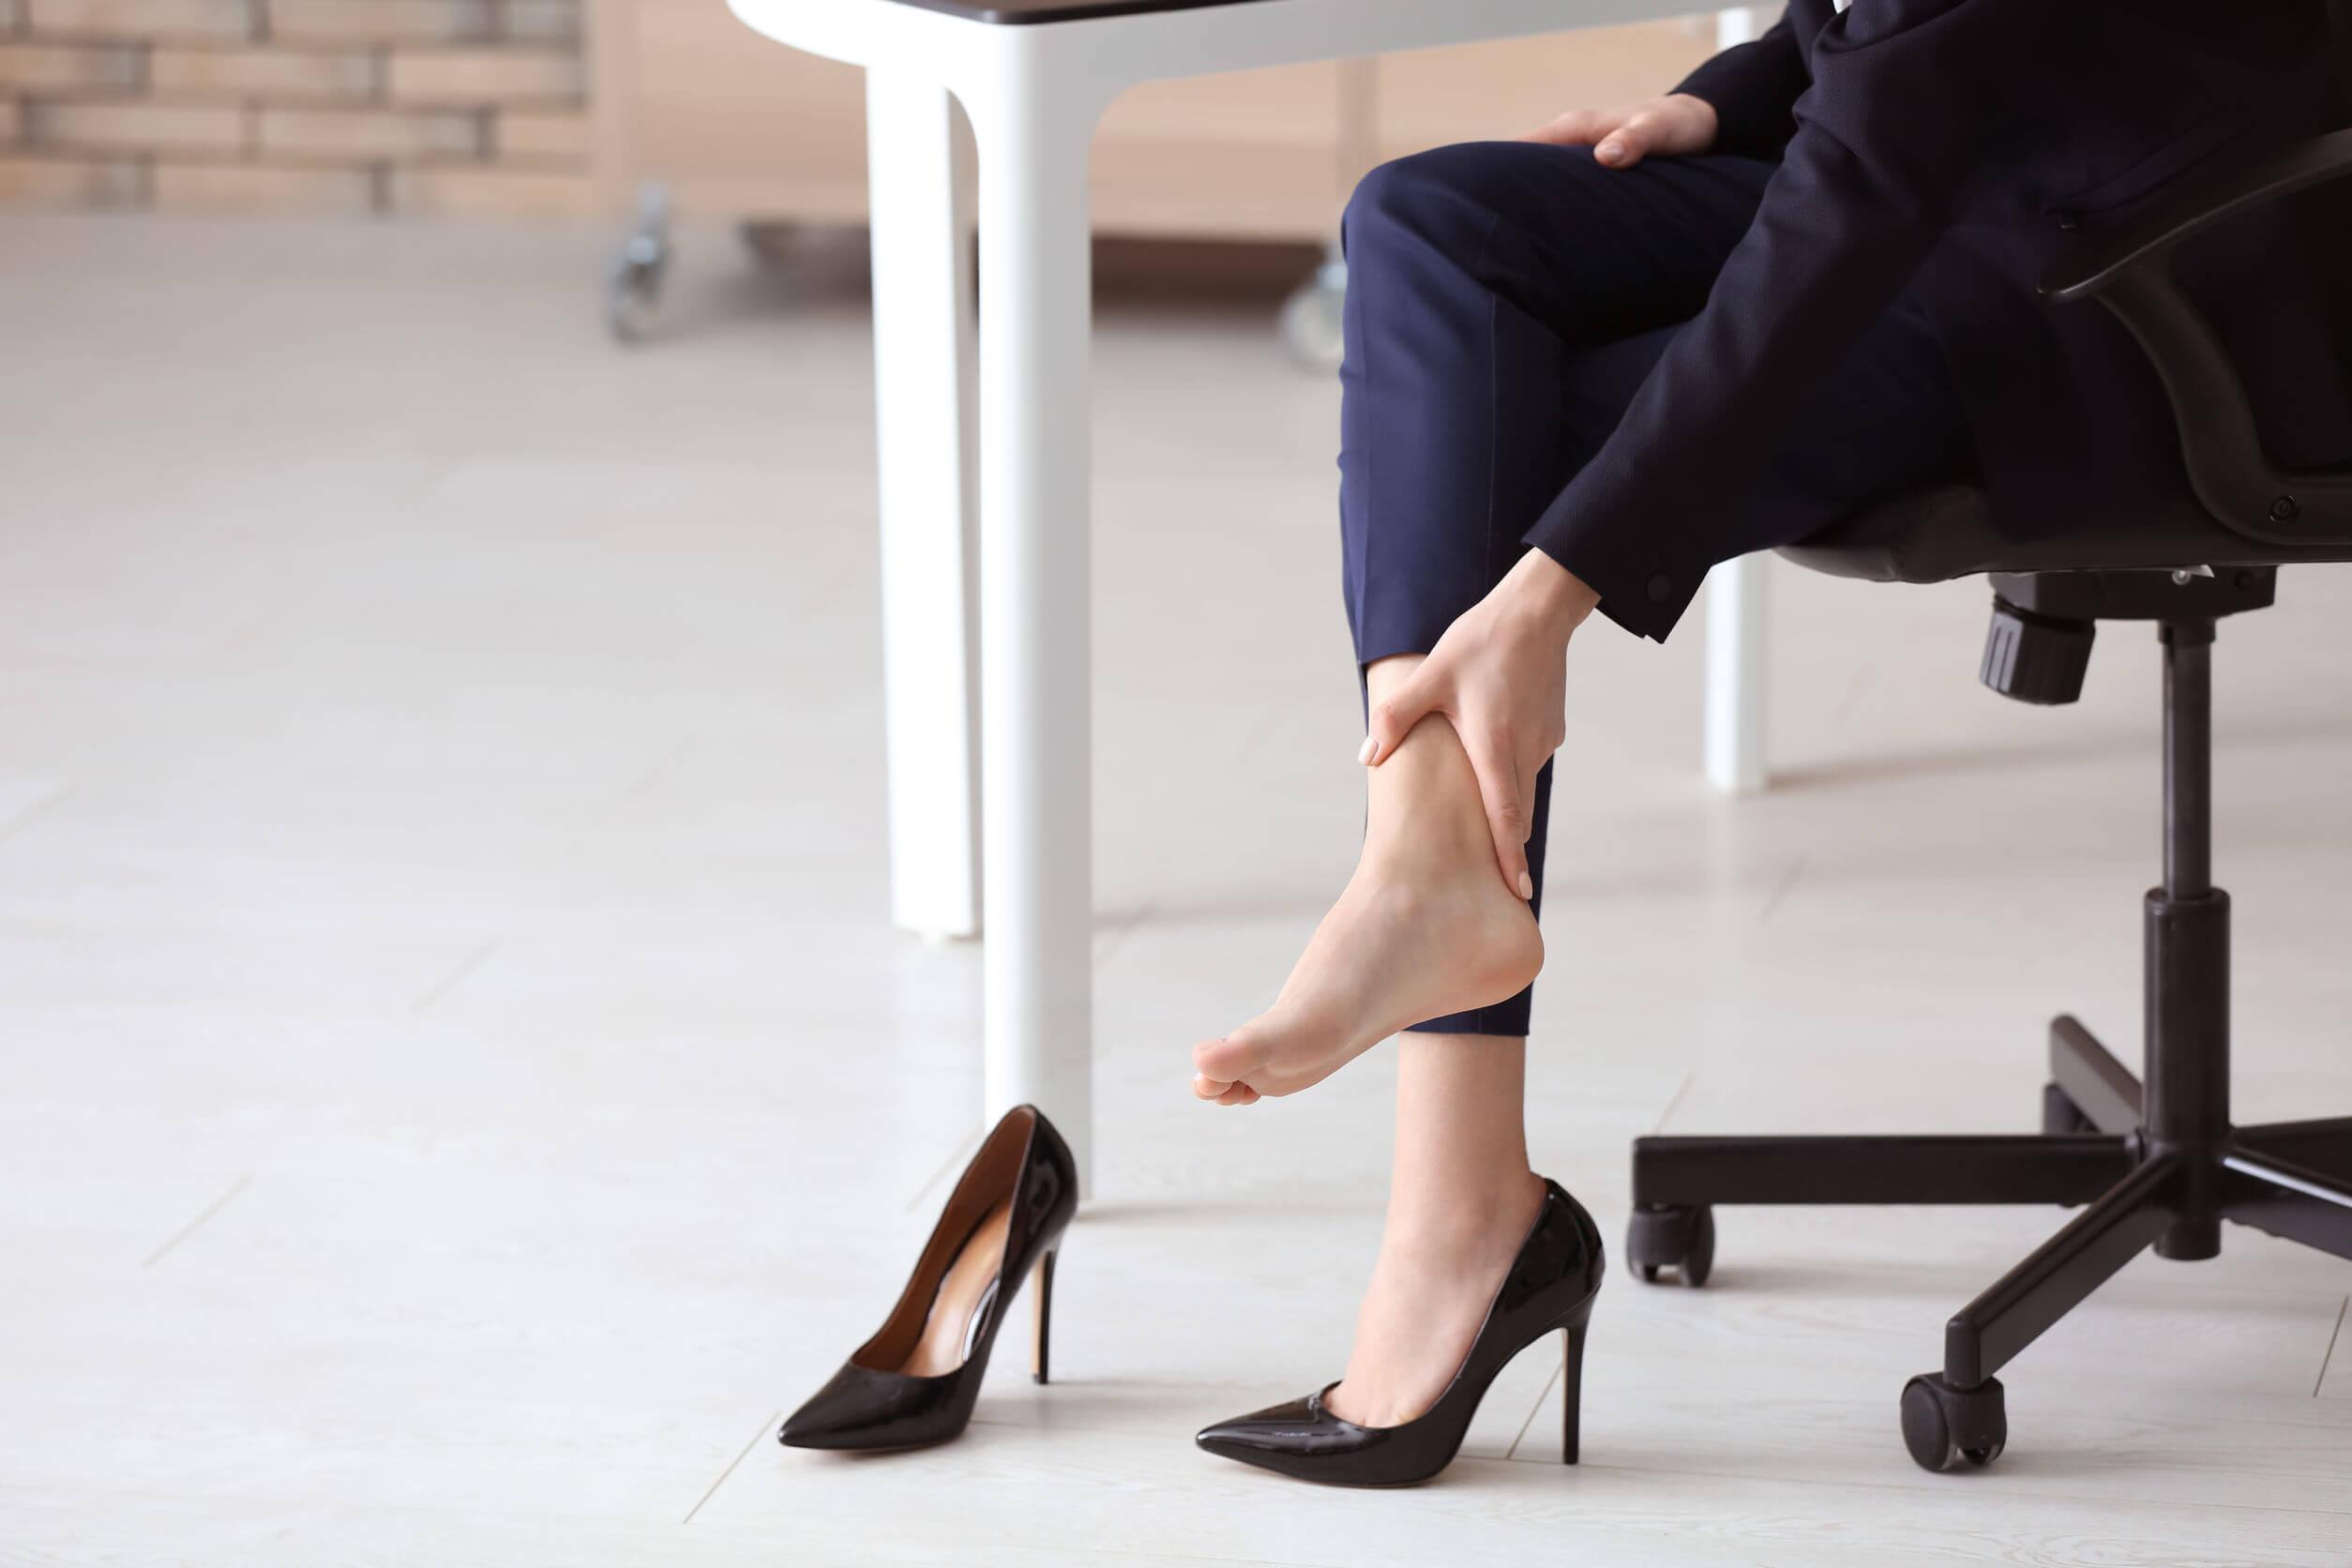 Un masaje en los pies suele aliviar la tensión.